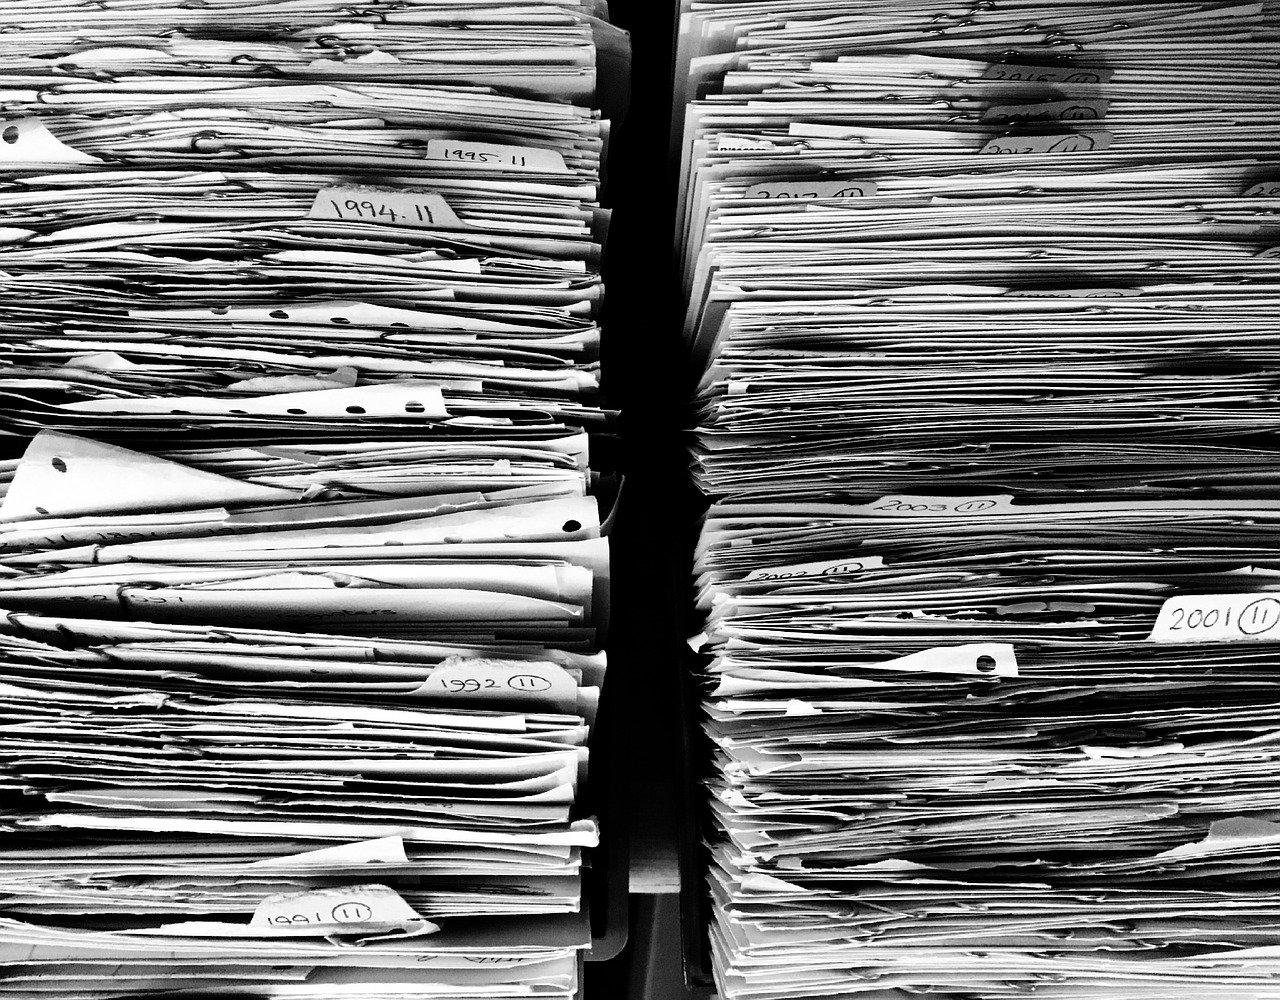 Wstęga Kociewia - dokumenty 1602761658